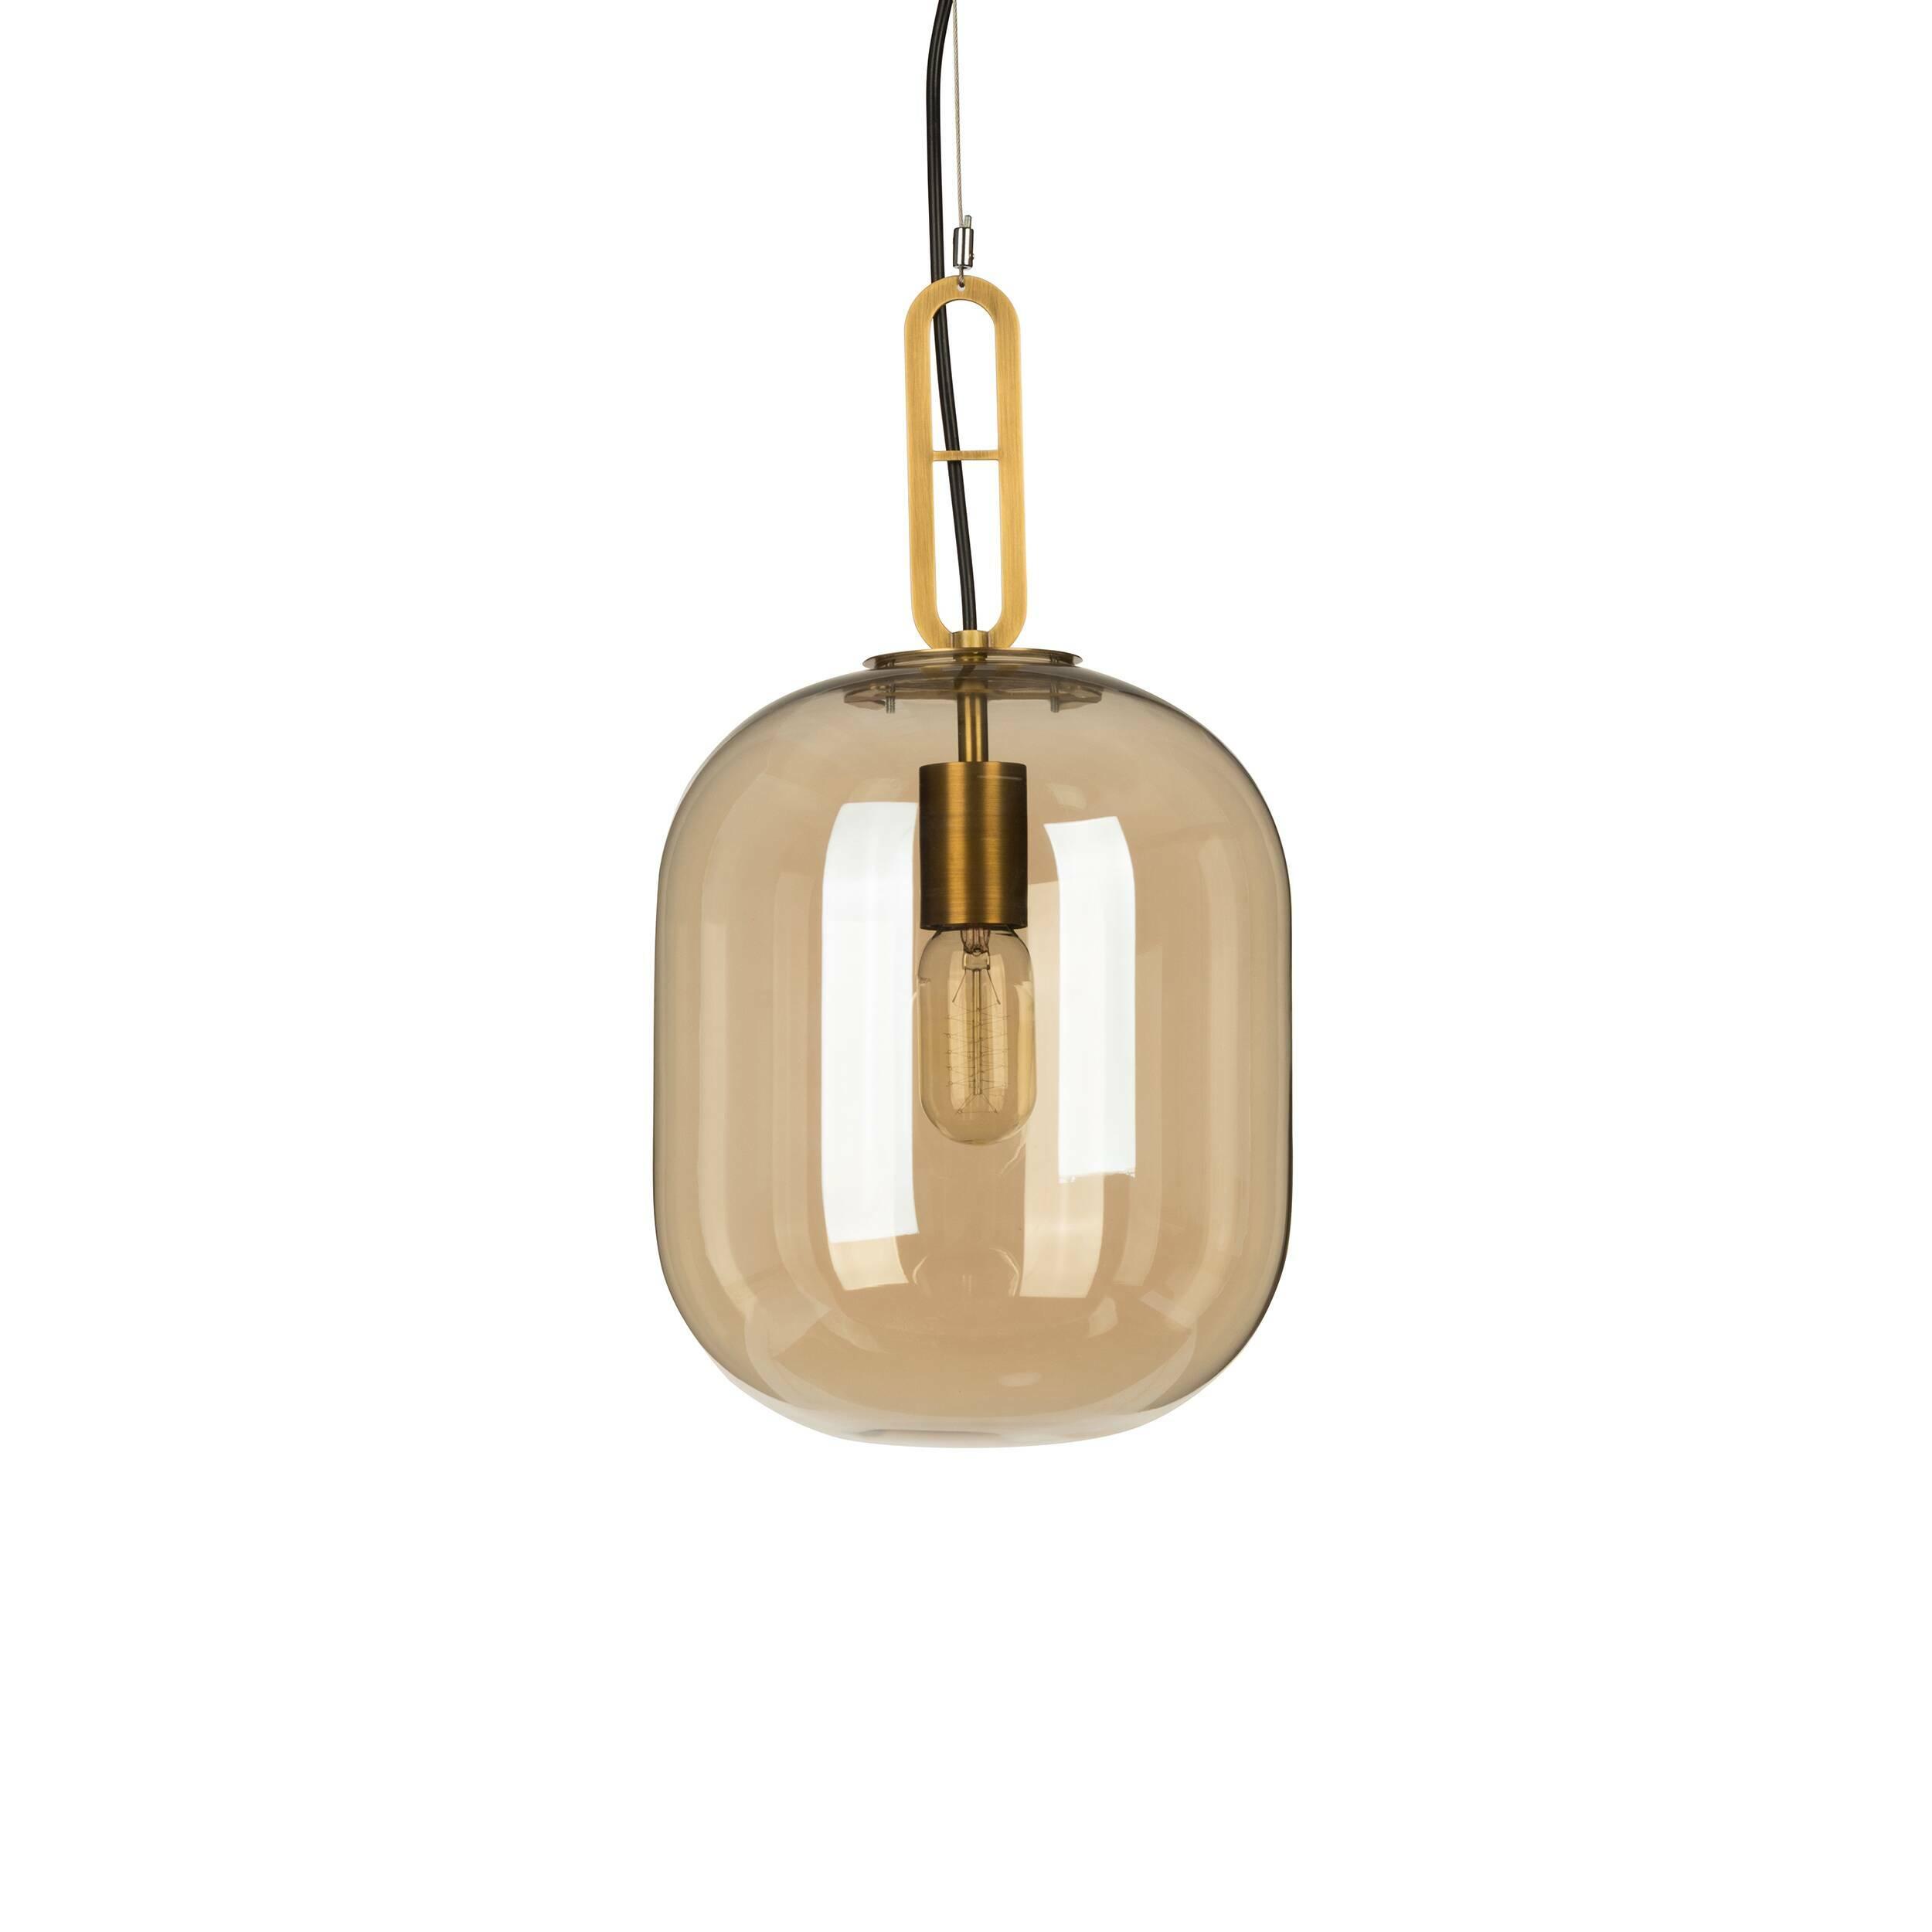 Подвесной светильник Zane диаметр 25